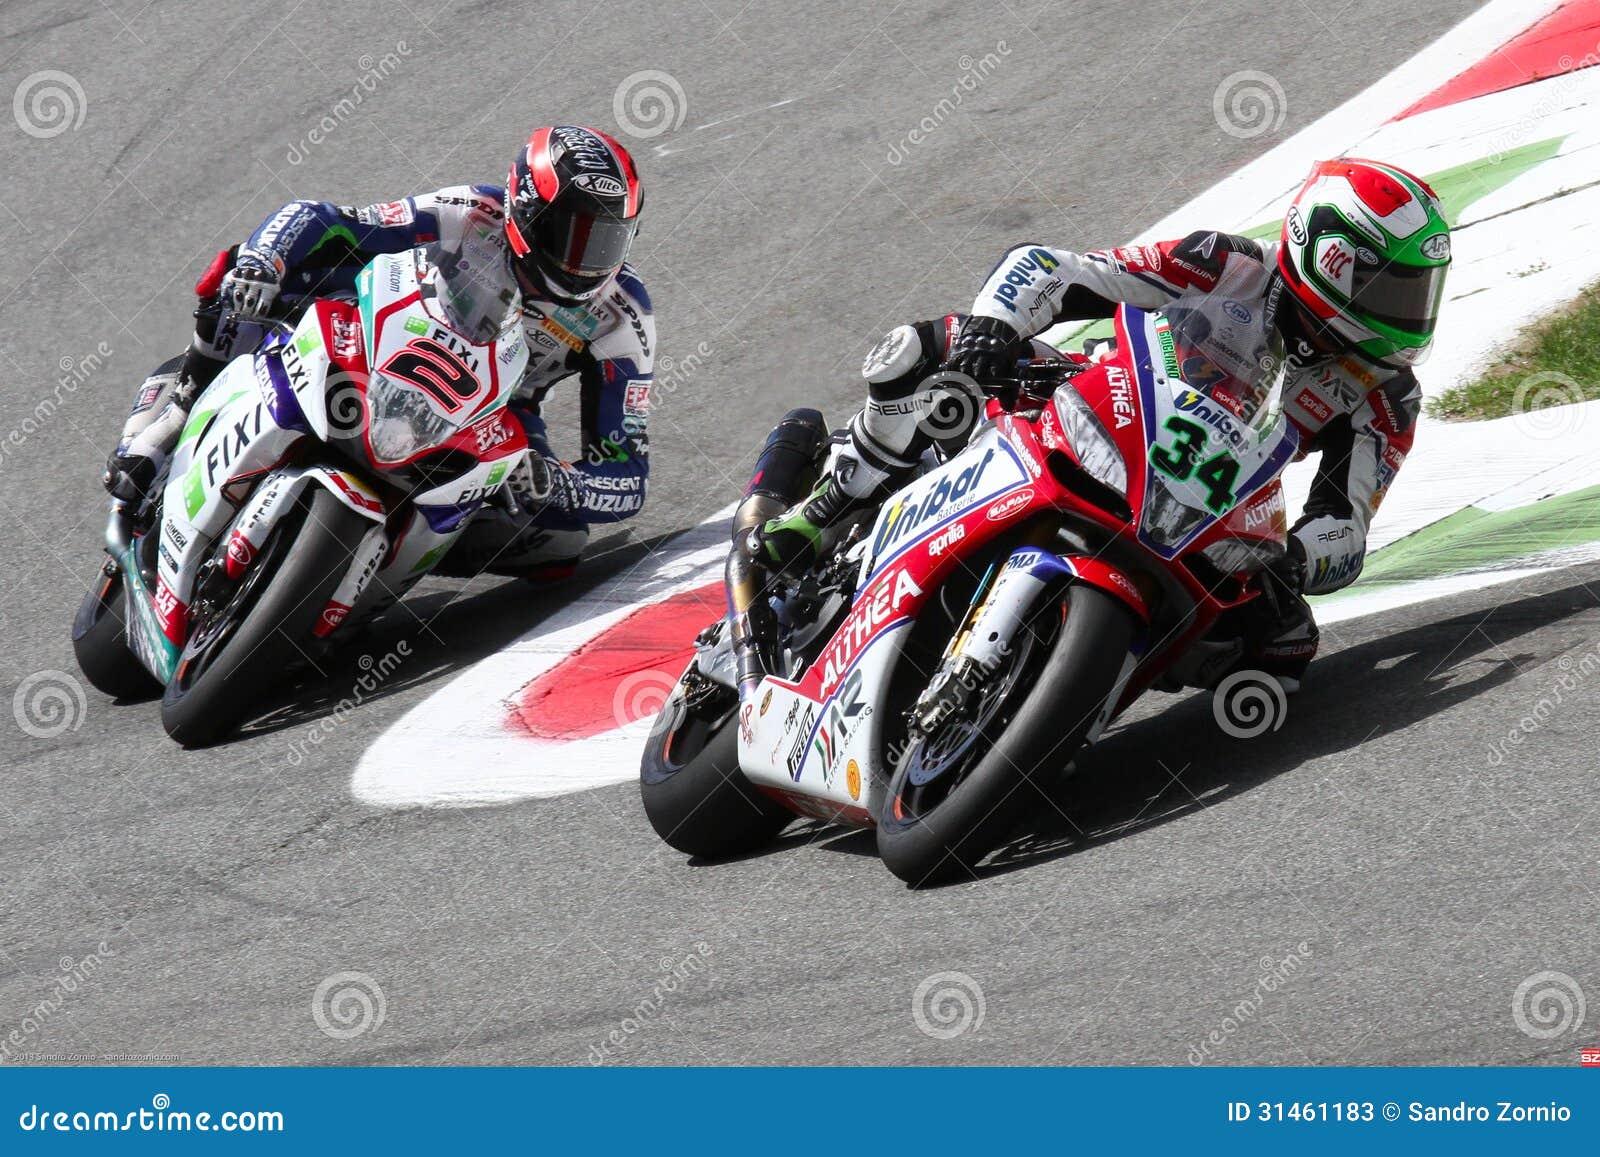 Davide Giugliano and Leon Camier in the Superbike WSBK